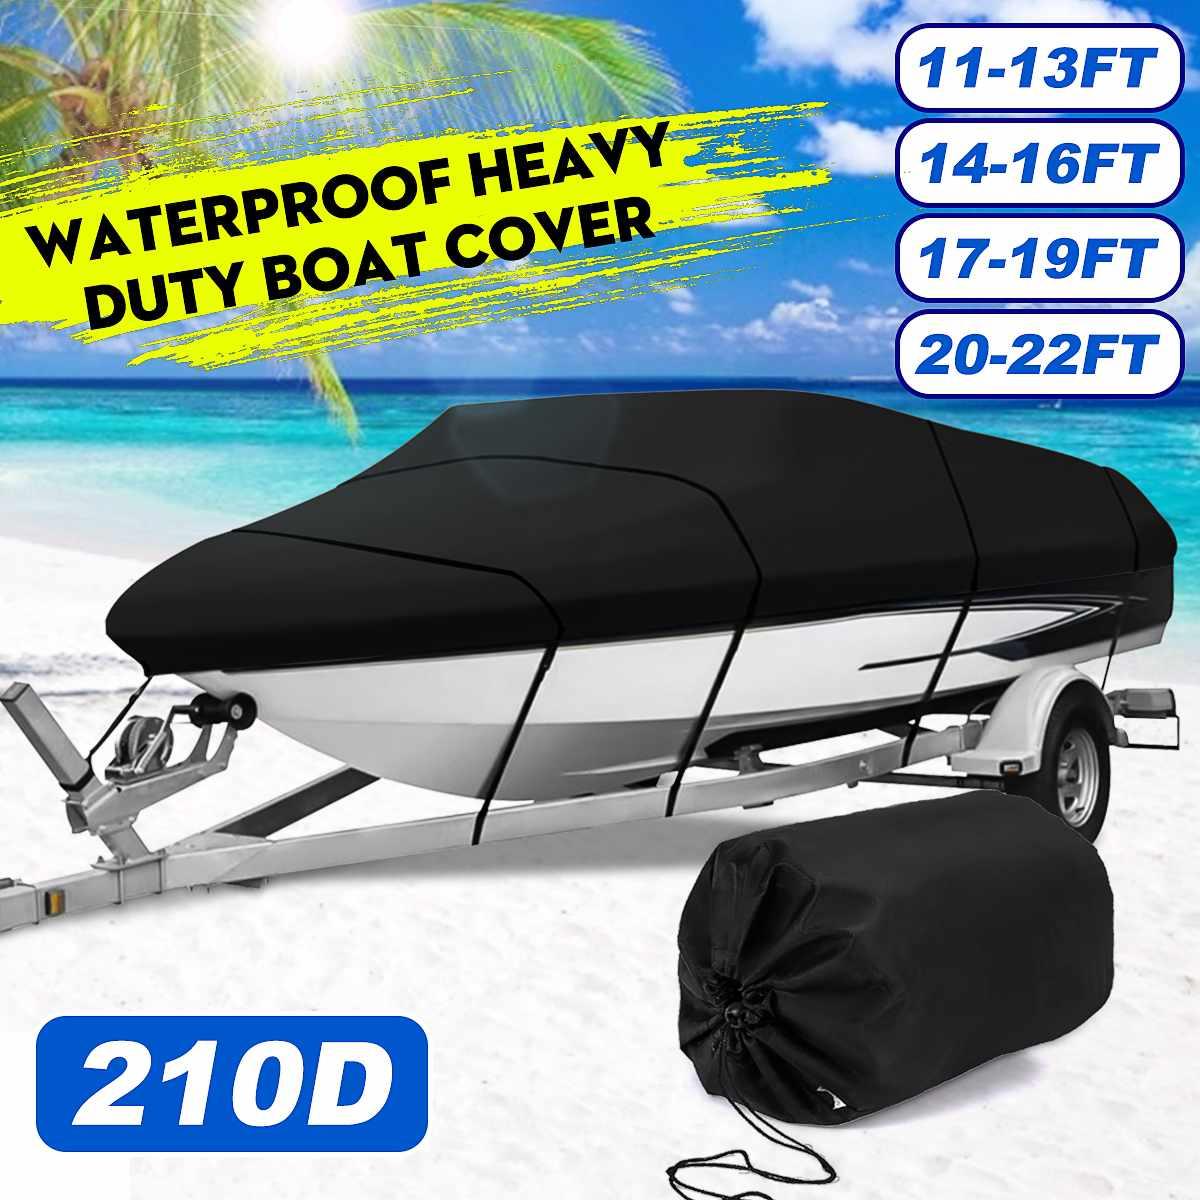 11-13ft 14-16ft 17-19ft 20-22ft Osłona łodzi Chroniona Przed Promieniowaniem UV Premium Heavy Duty 210D Trailable Canvas Black